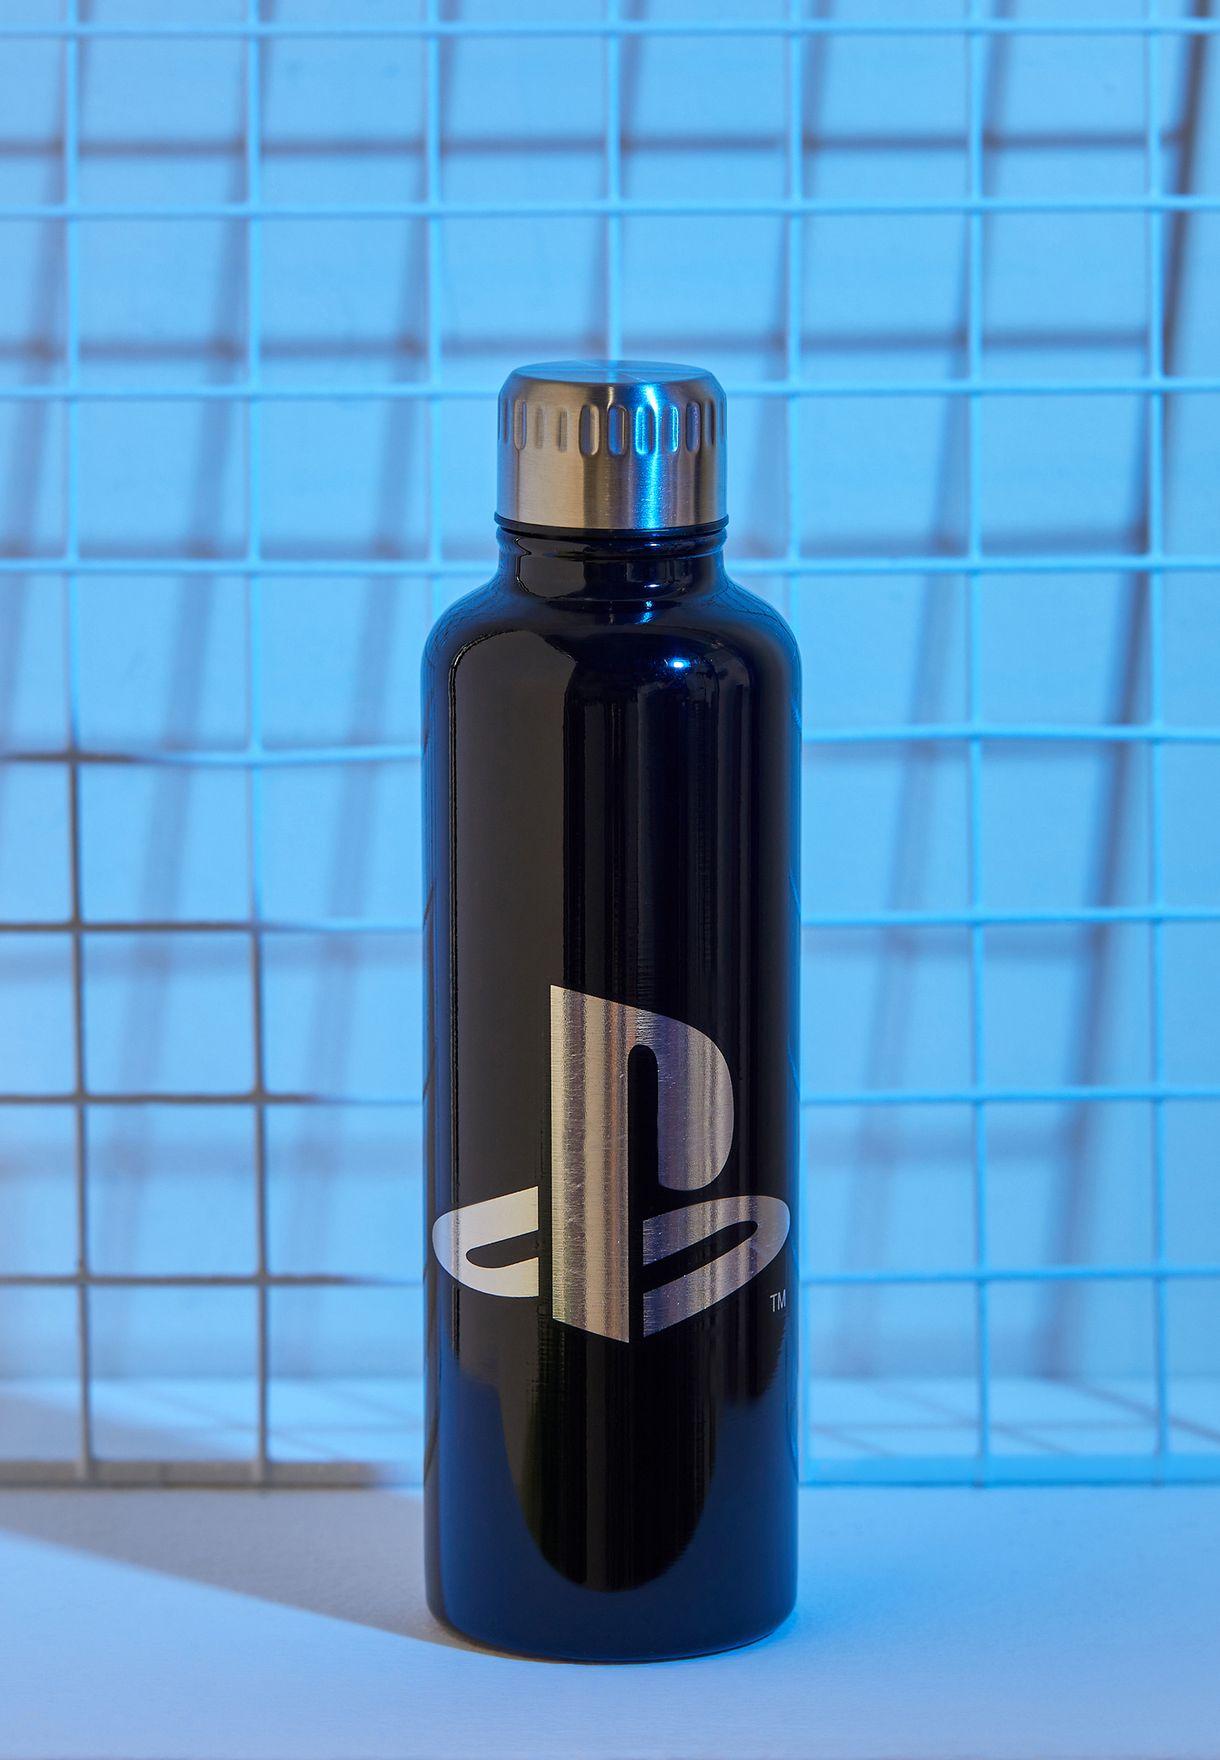 قارروة ماء بطبعة بلاي ستيشن